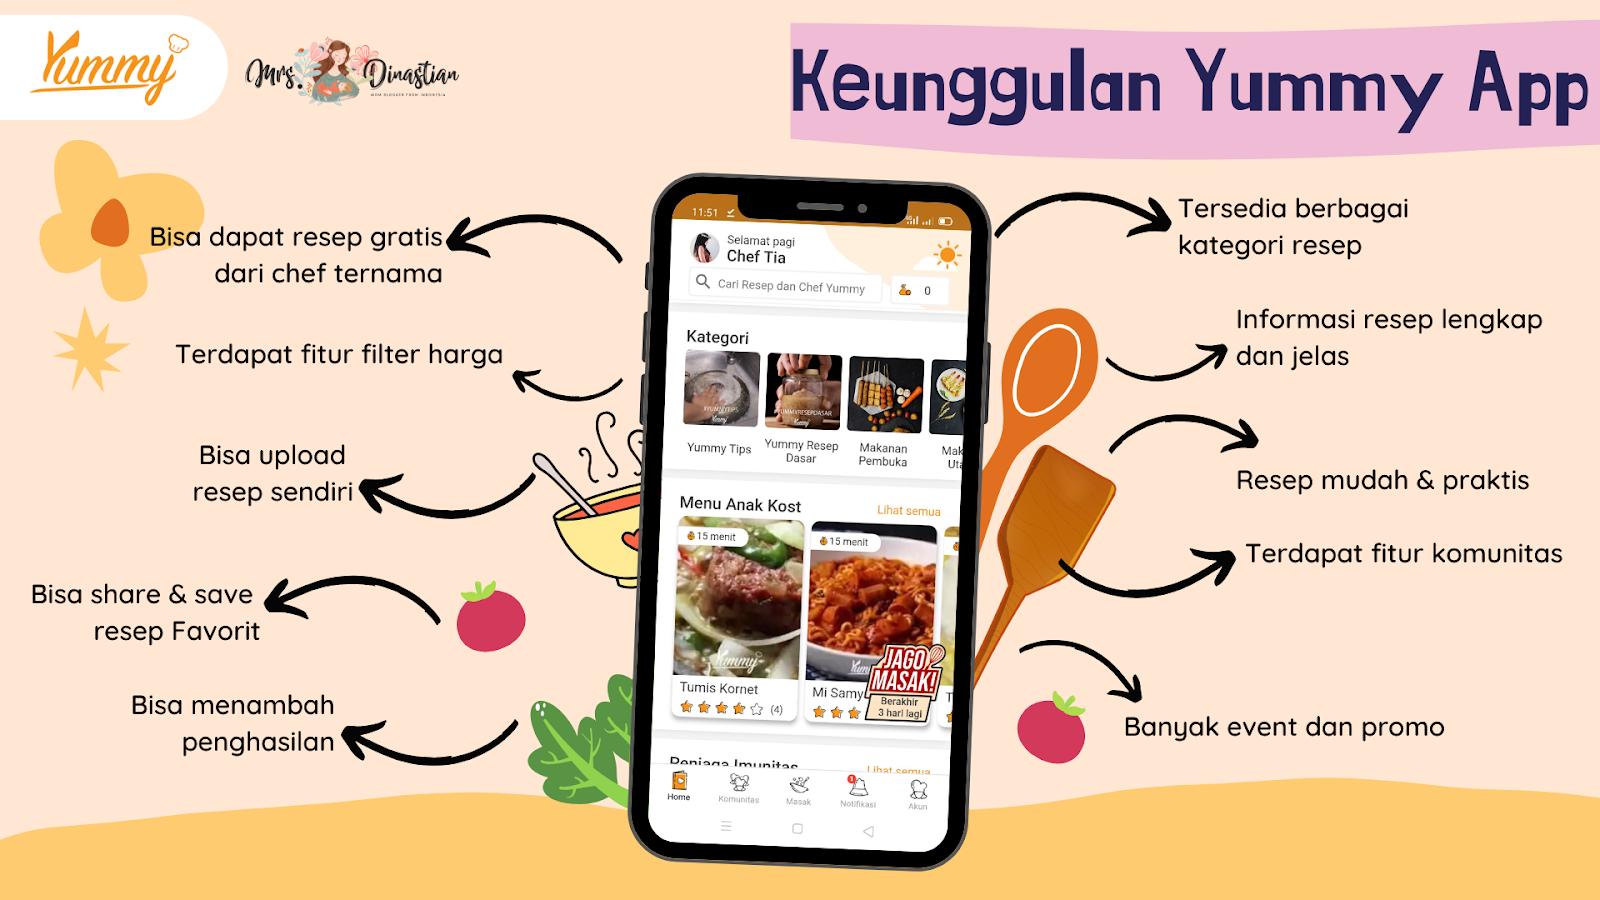 Keunggulan Yummy App